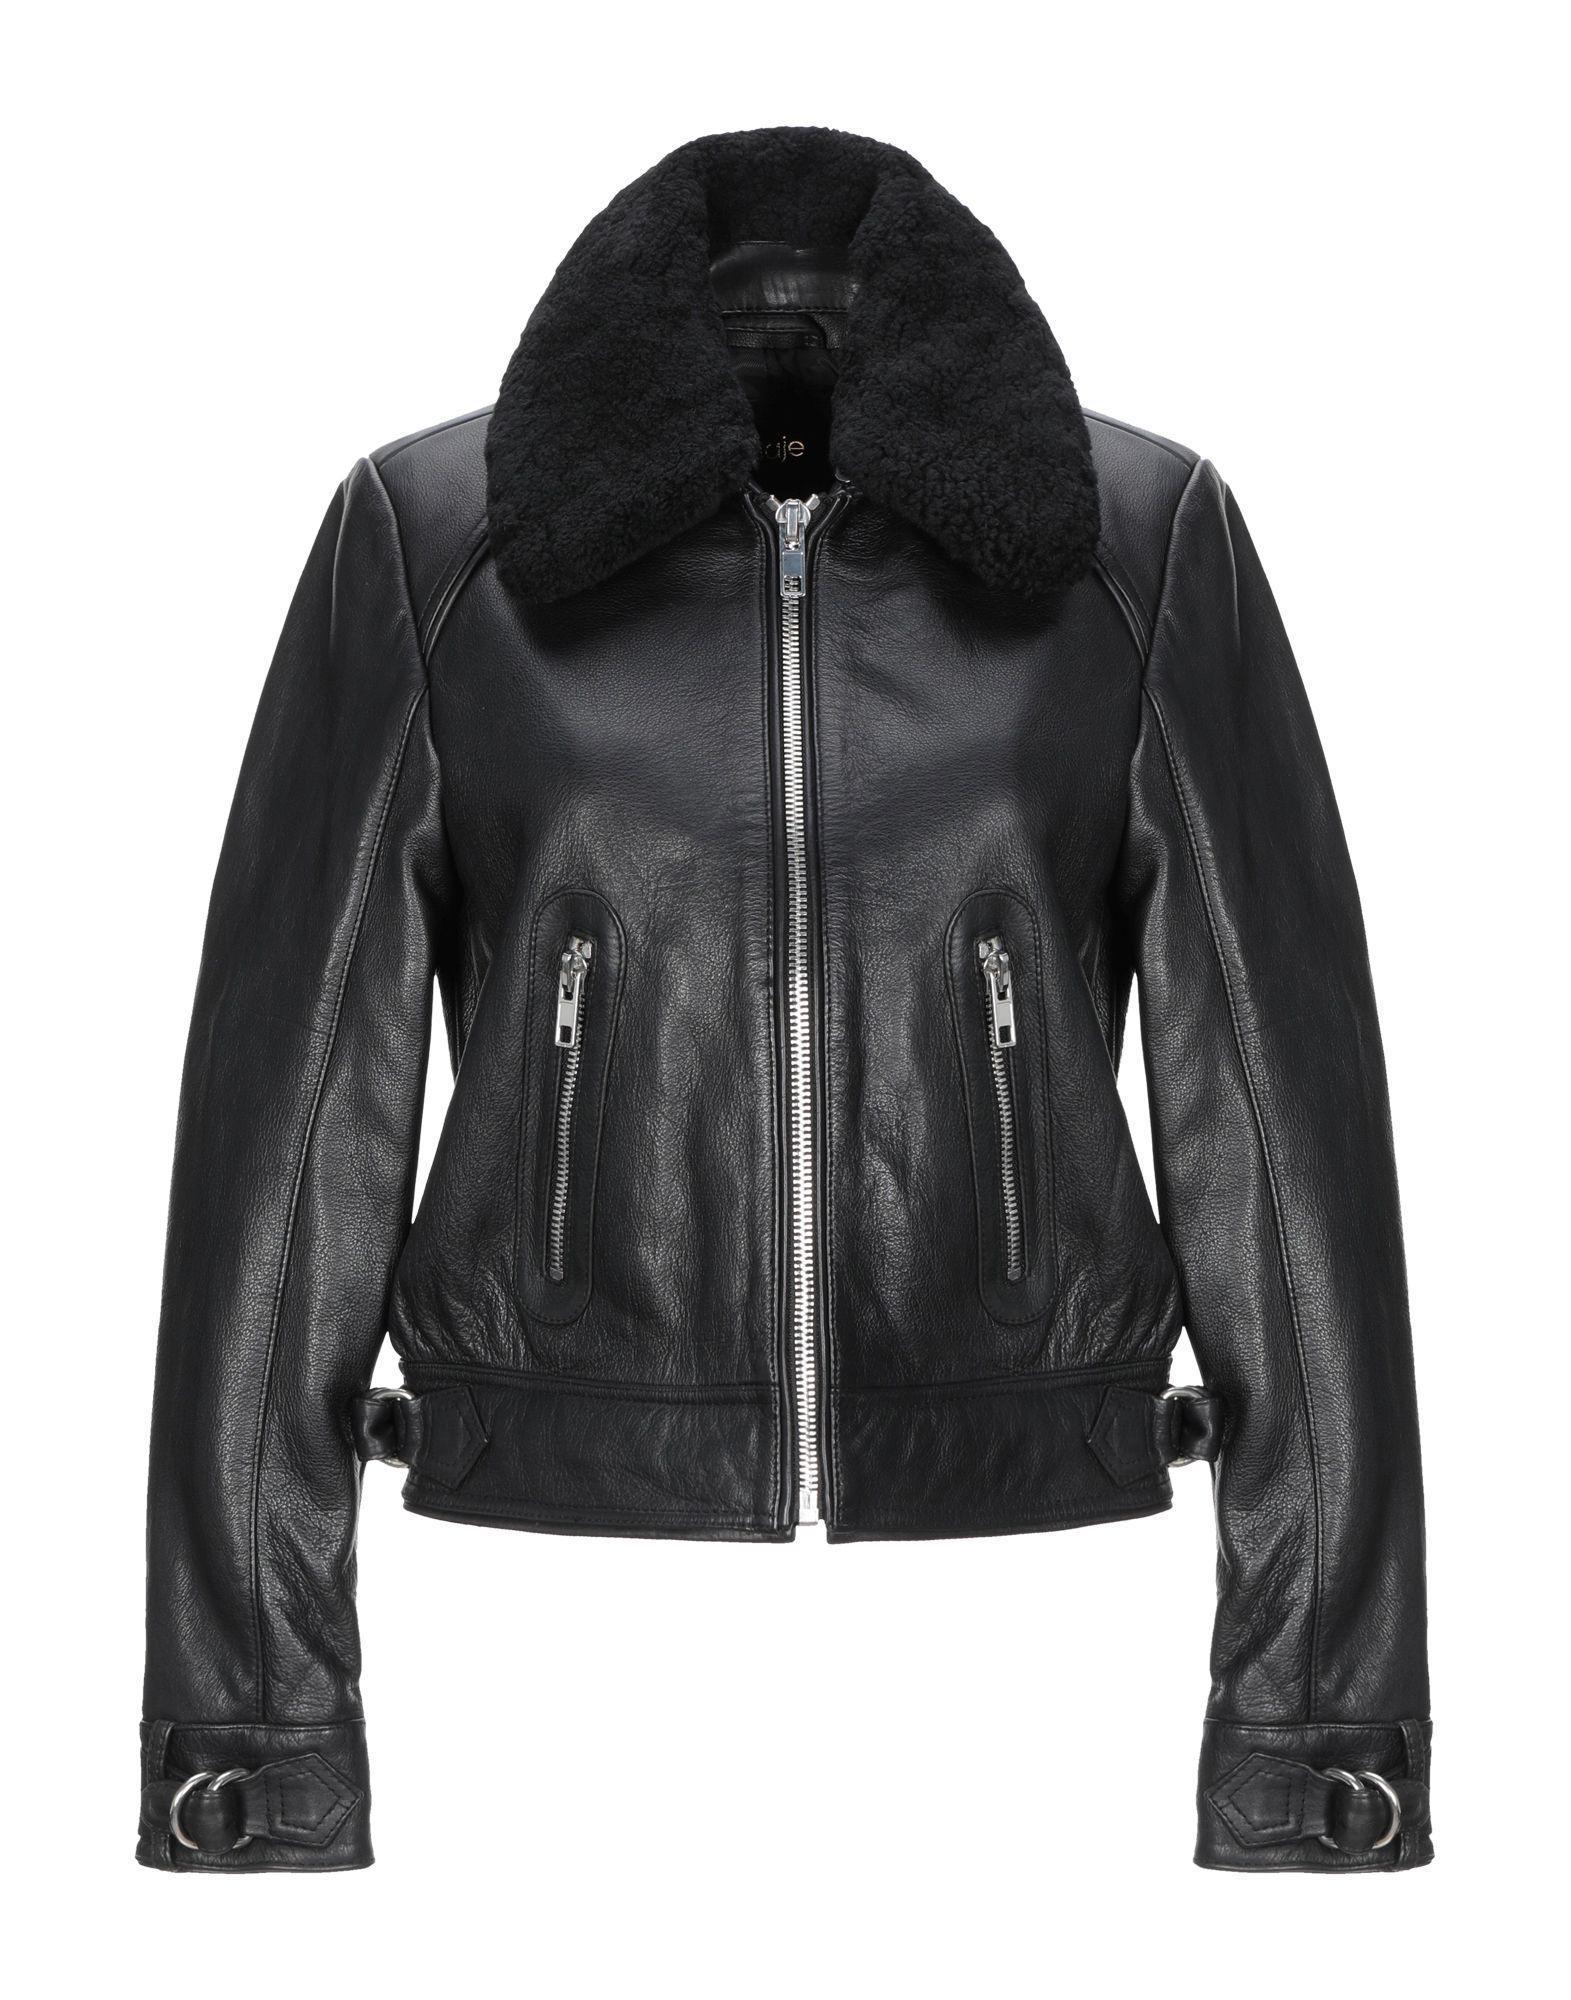 Maje Black Leather Jacket